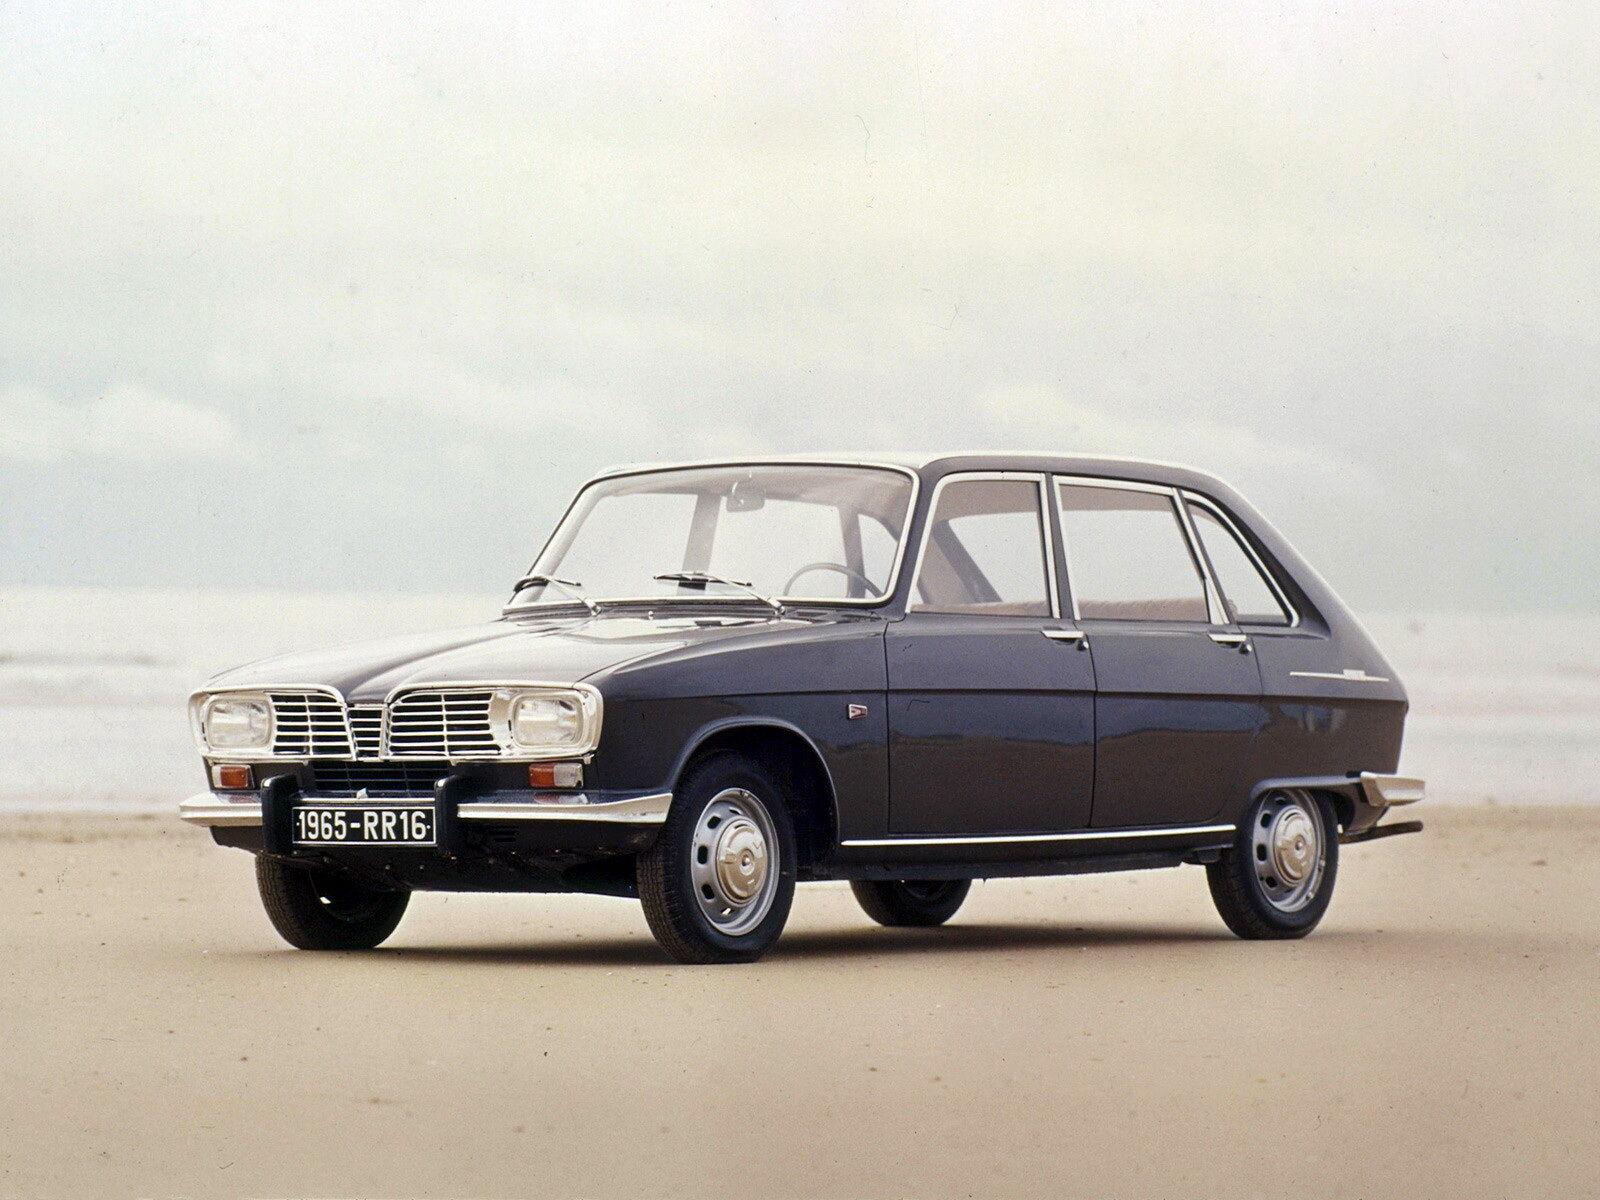 """Первой """"иномаркой"""" Высоцкого стал серый Renault 16, подаренный Мариной Влади."""